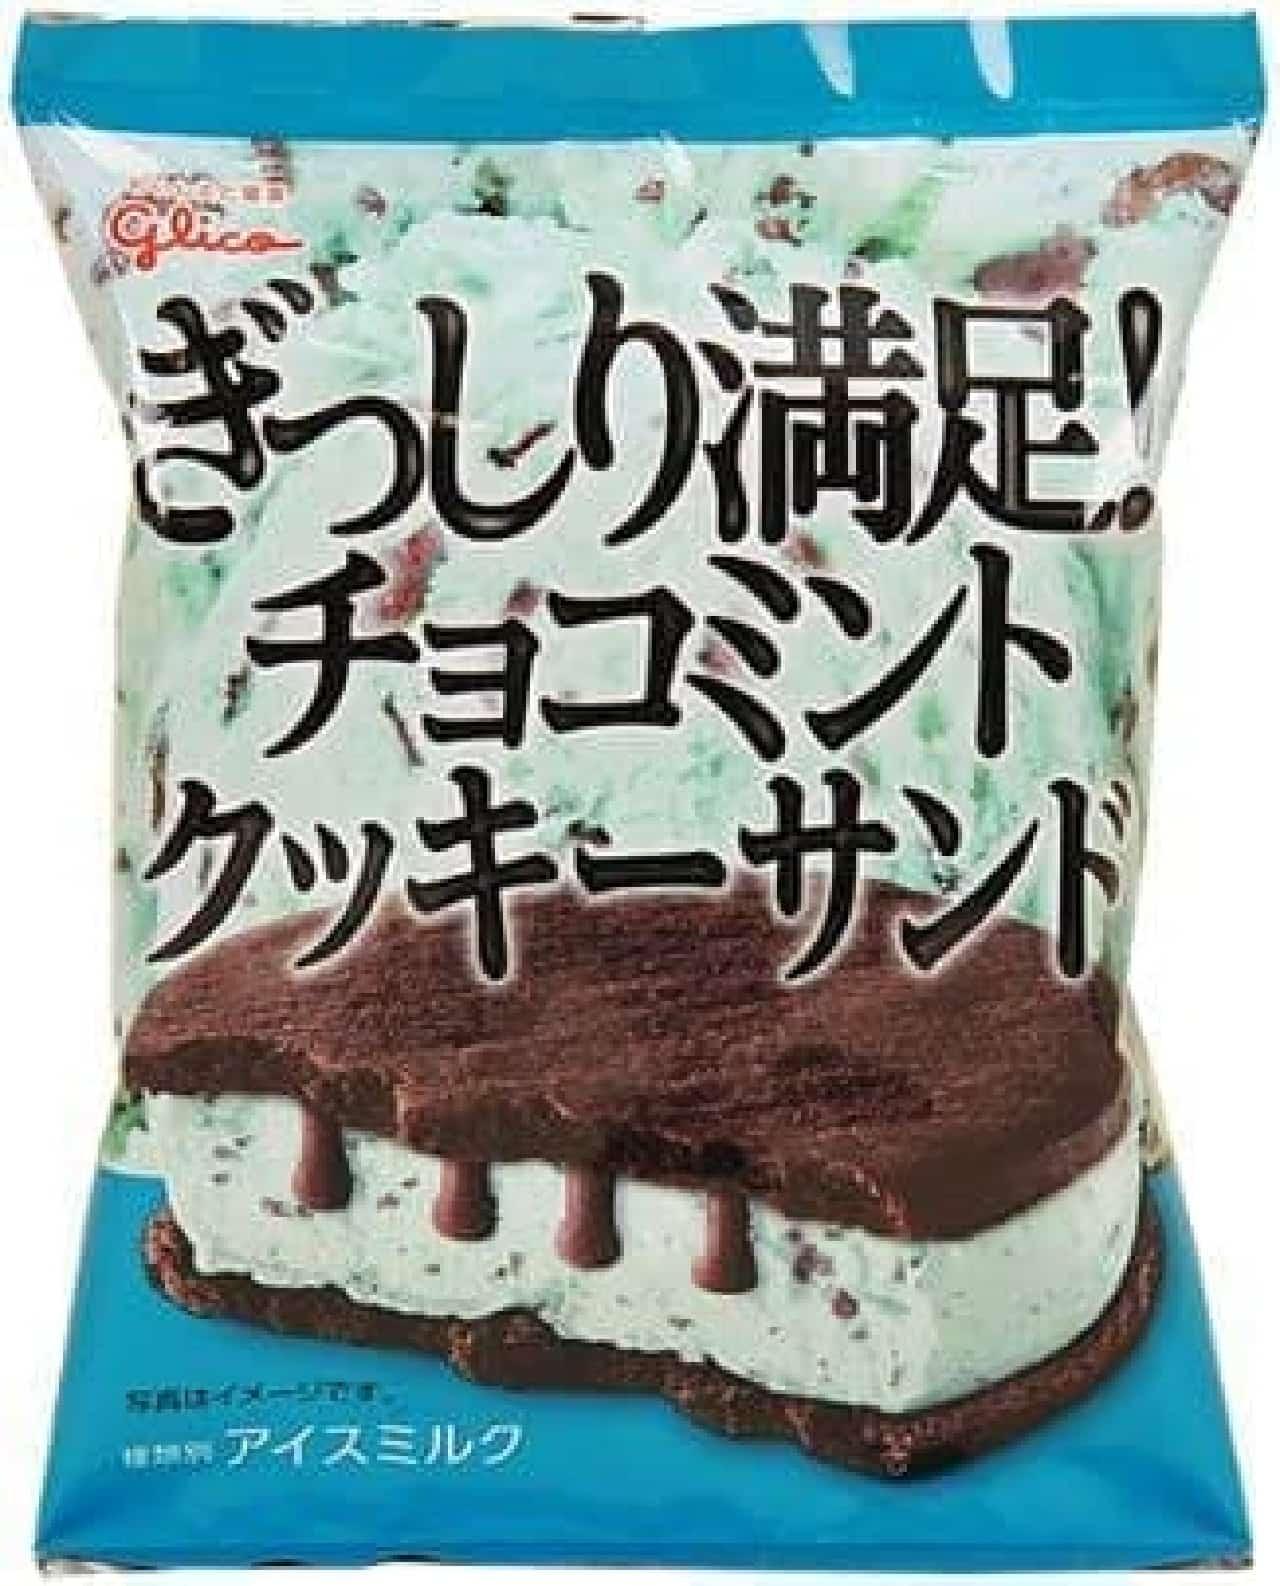 ファミリーマート「グリコ ぎっしり満足!チョコミントクッキーサンド」